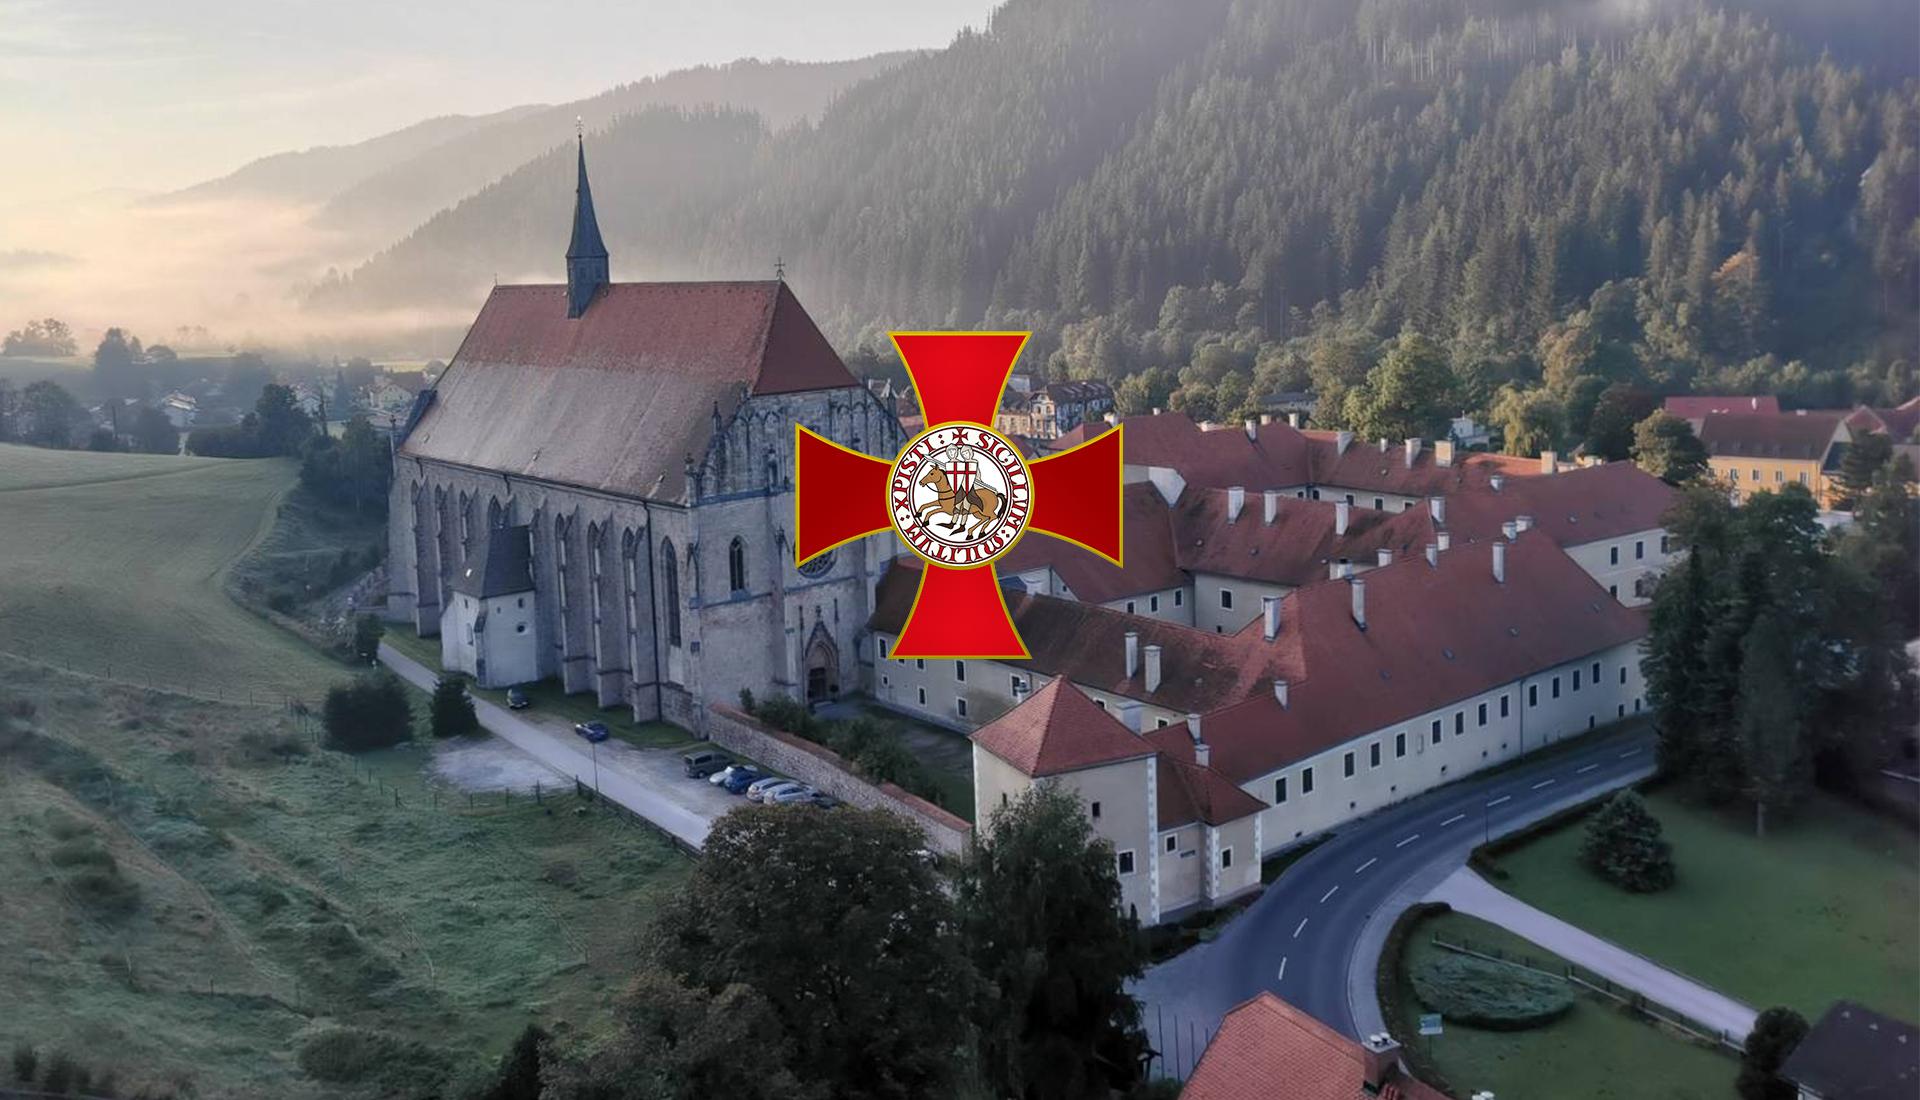 Initiationsfeier der Tempelritter in Österreich - Neuberg an der Mürz